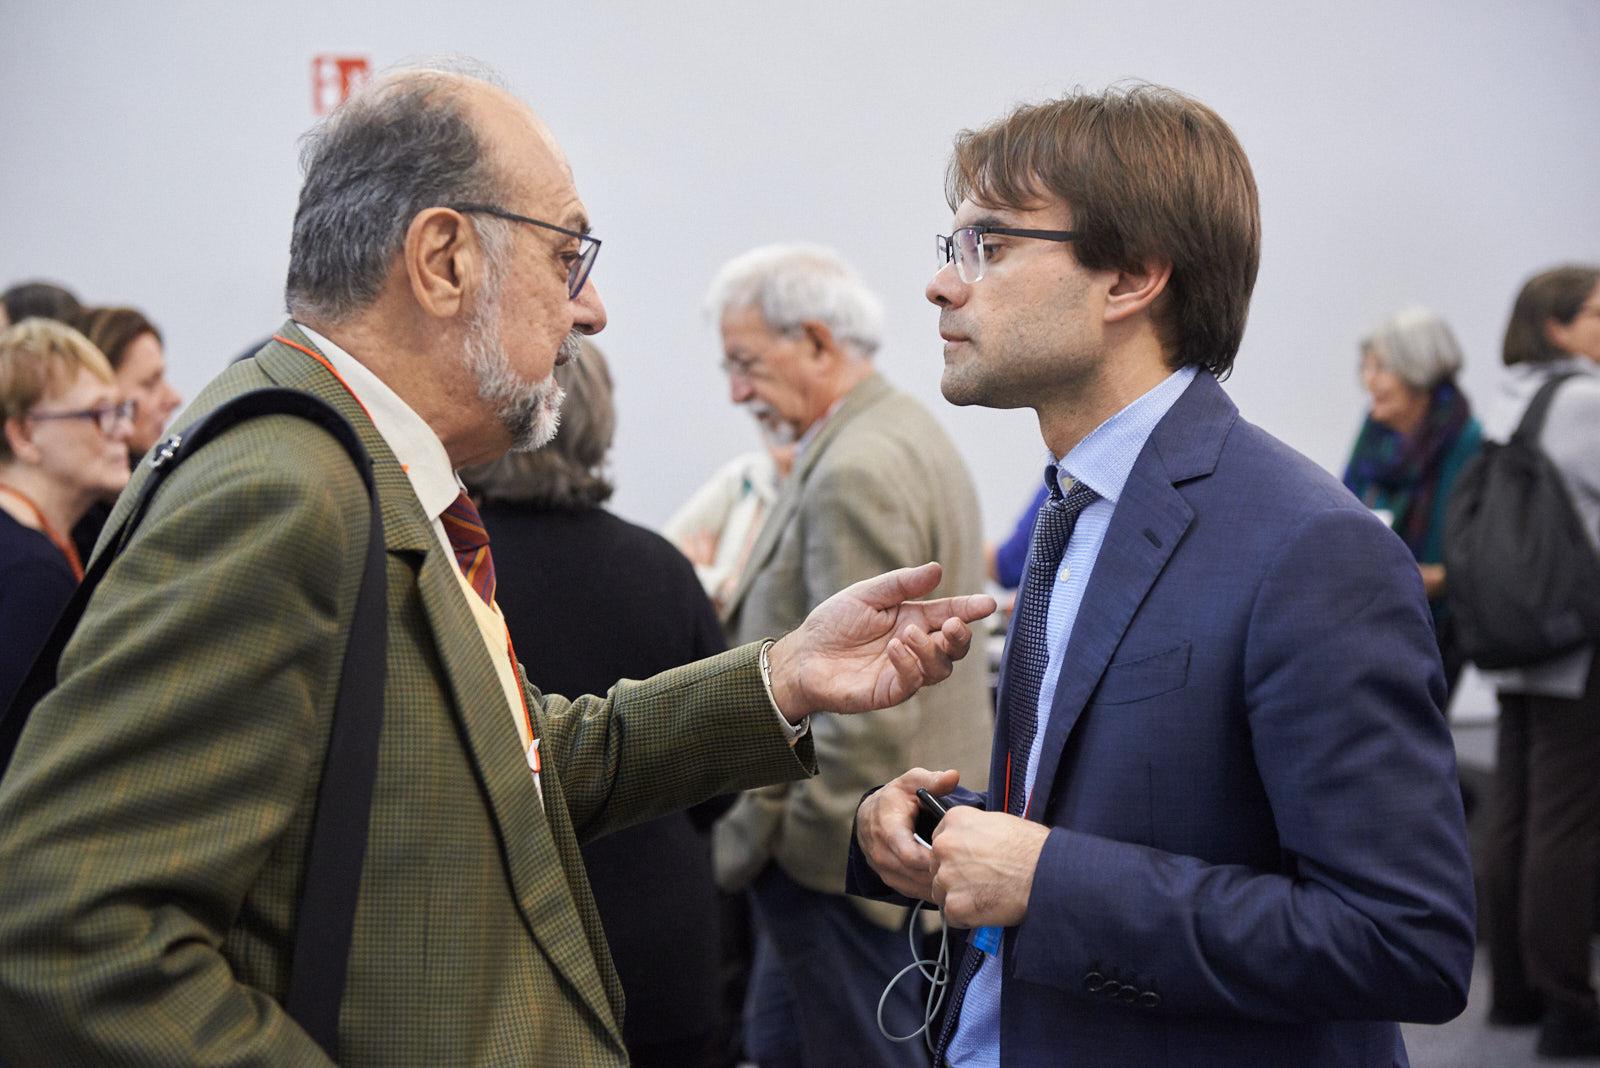 Giorgio Mortara, vice-presidente UCEI, con Stefano Pasta, giornalista e ricercatore presso il CREMIT